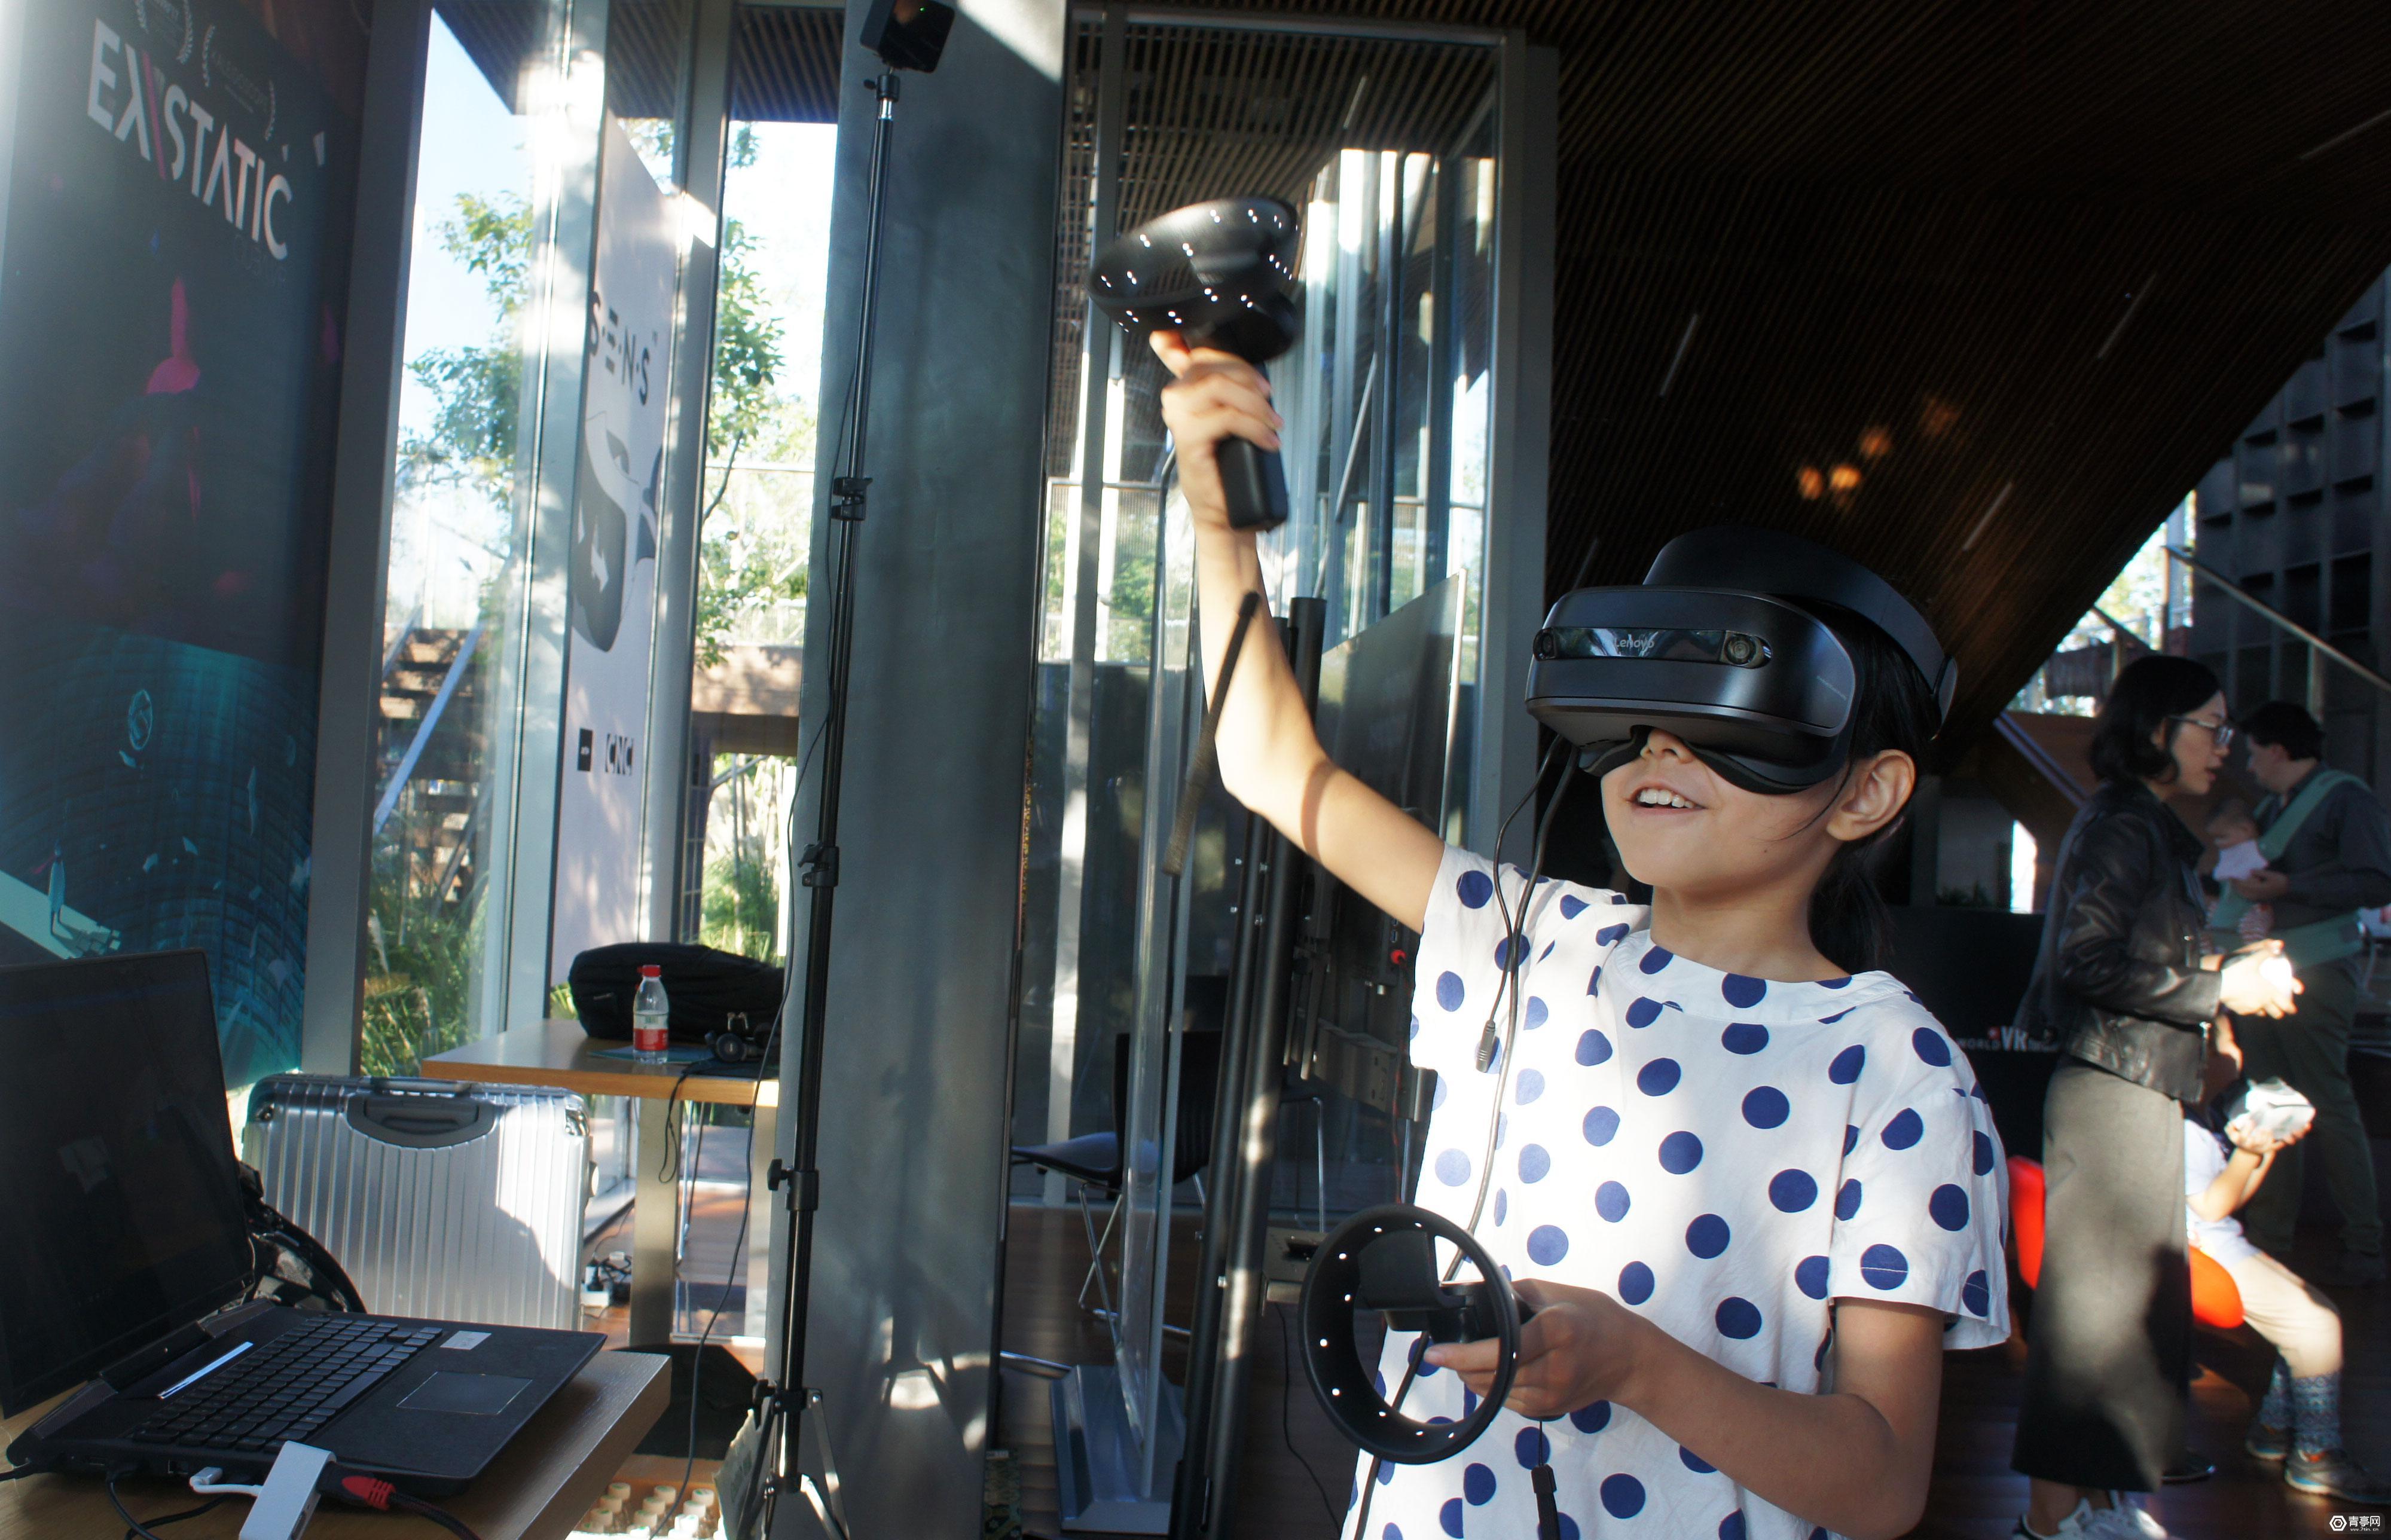 获联想投资,把VR带入中小学教育,煦象科技想给课堂加入「沉浸感」